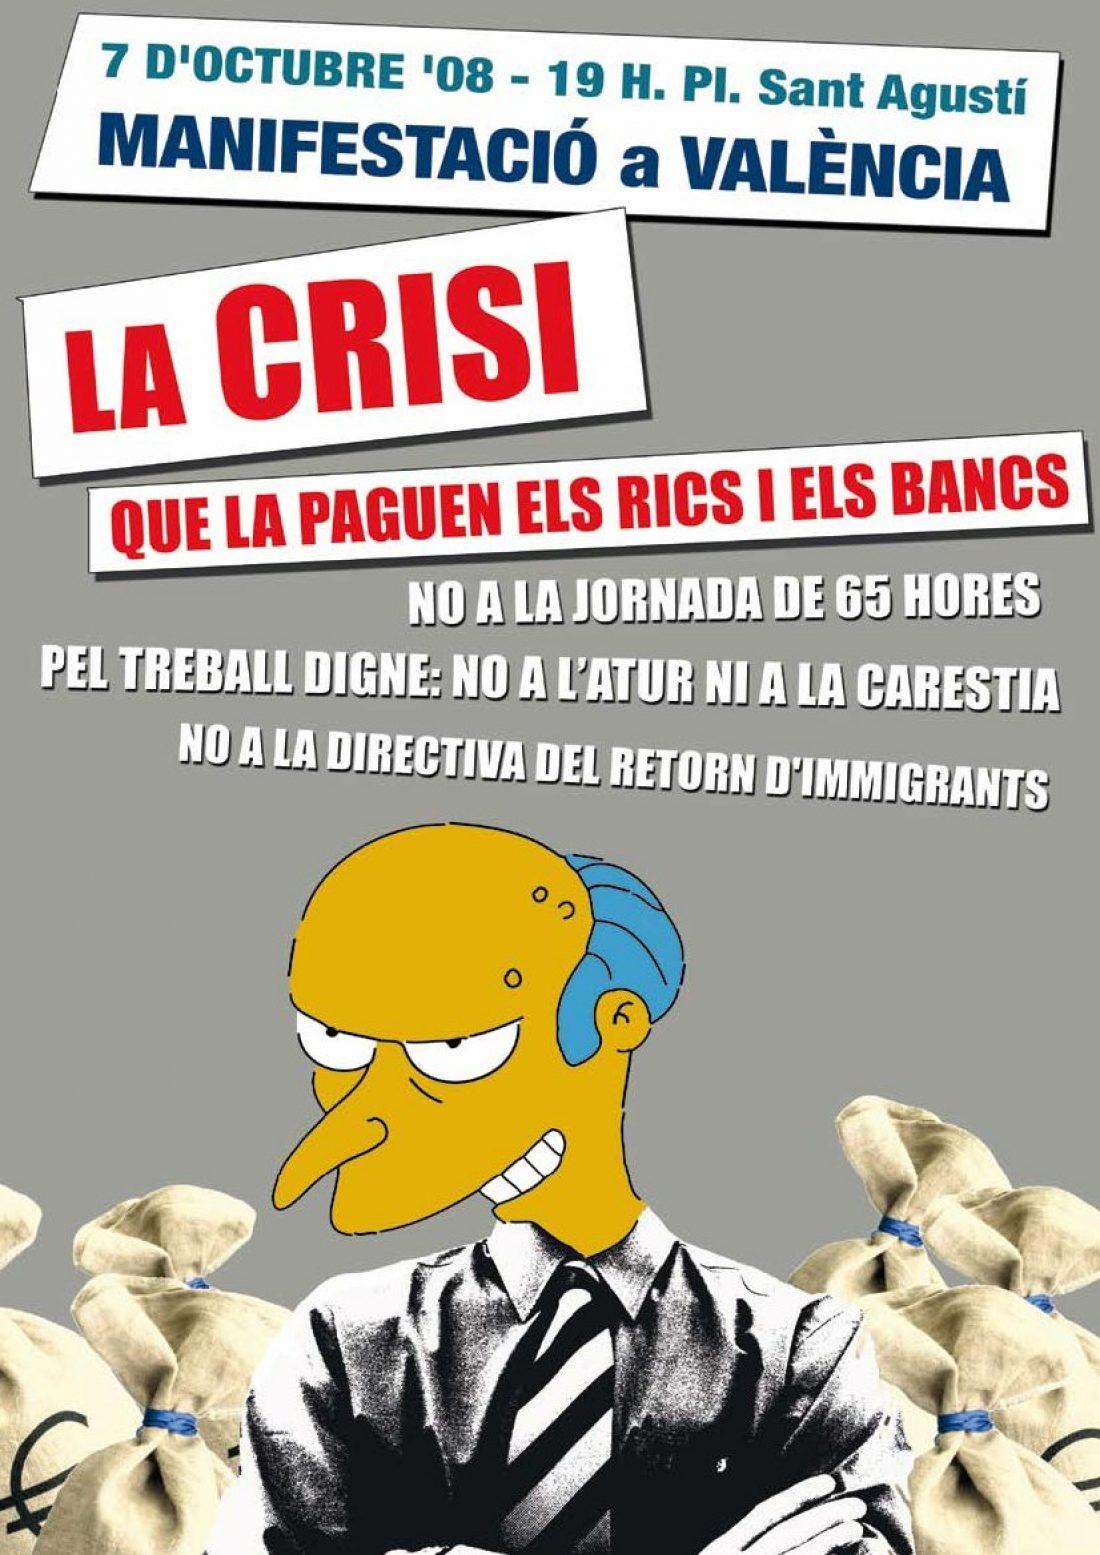 Miles de trabajadores se manifiestan contra la directiva de las 65 horas y contra los recortes de los derechos sociales y laborales.